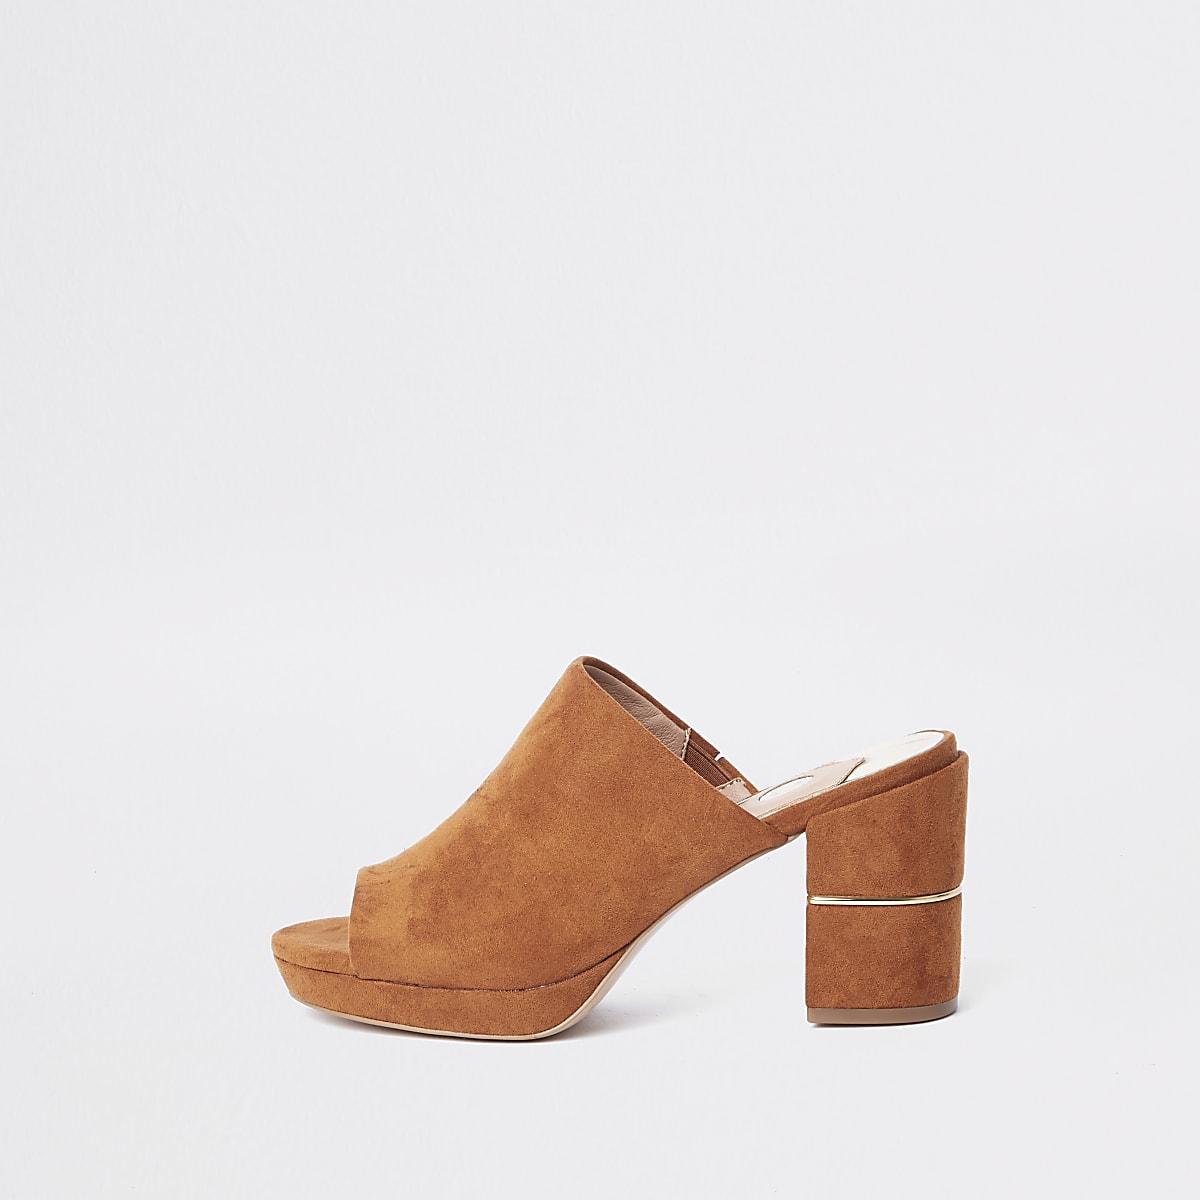 Brown platform block heel mule